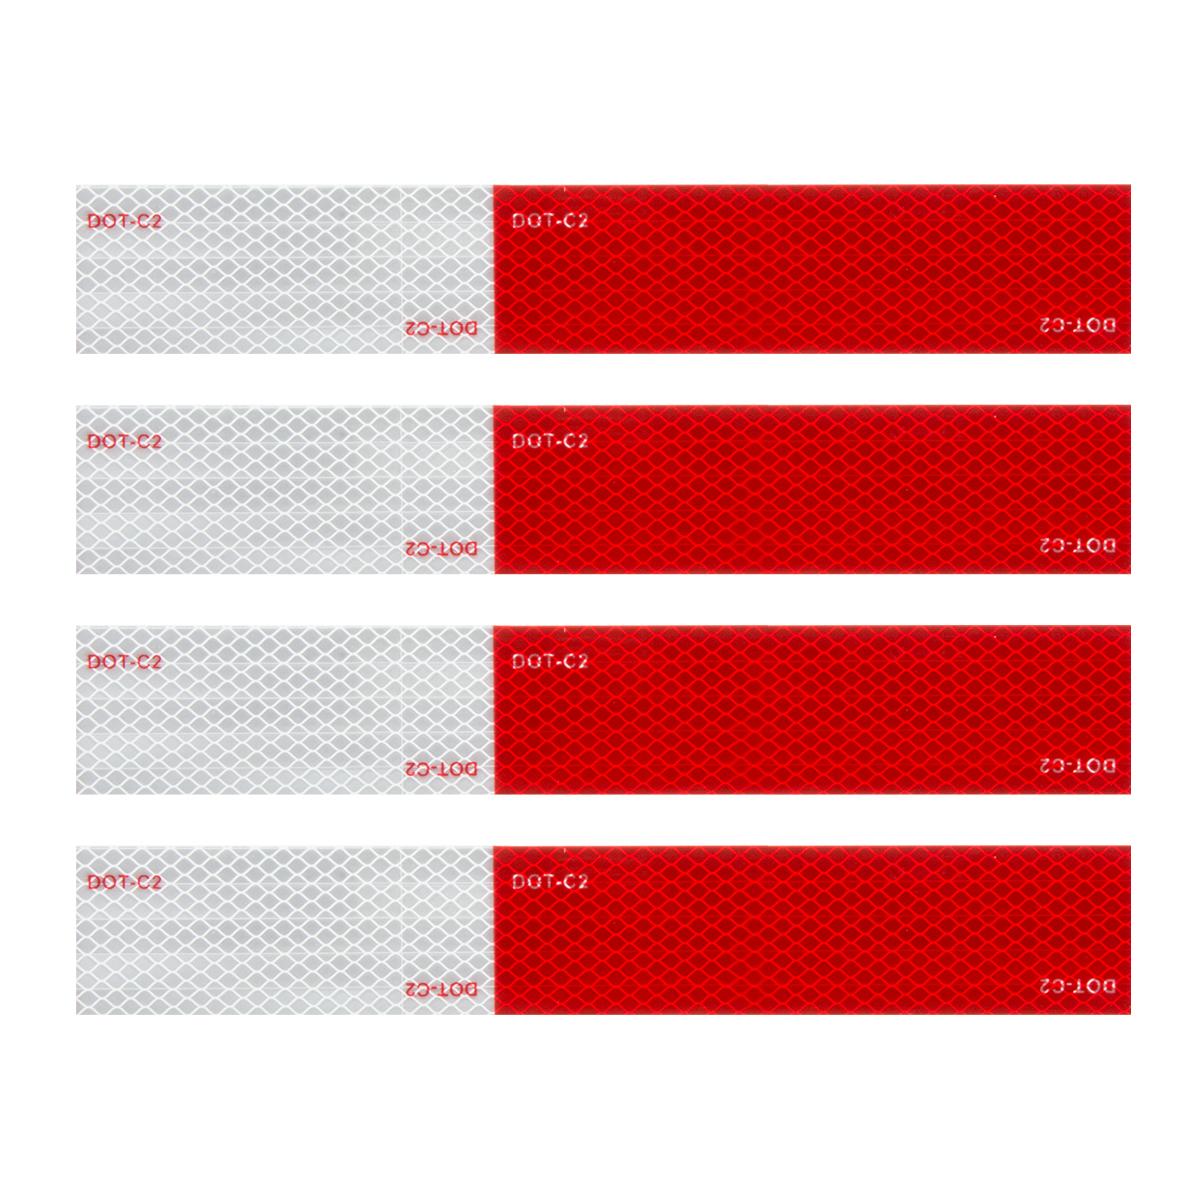 """92293 Premium Hi Viz DOT-C2 Conspicuity Tape in Red & White 18"""" Strips"""